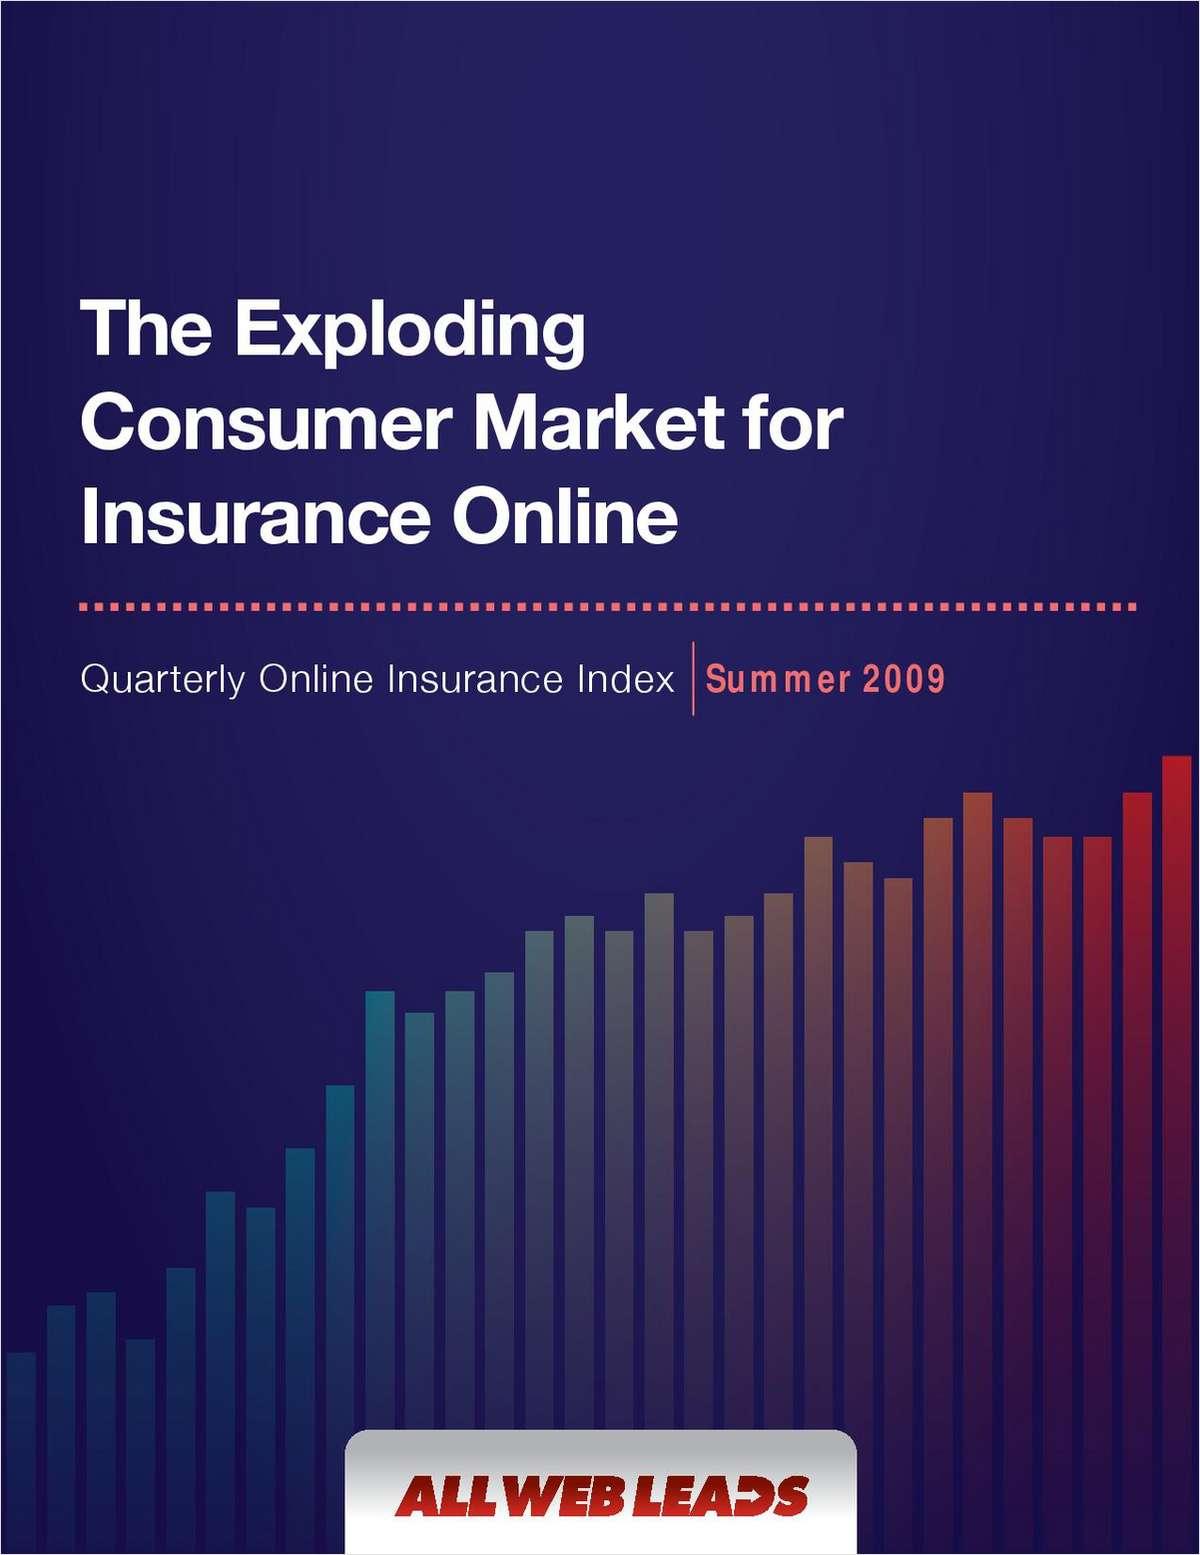 The Exploding Consumer Market for Insurance Online